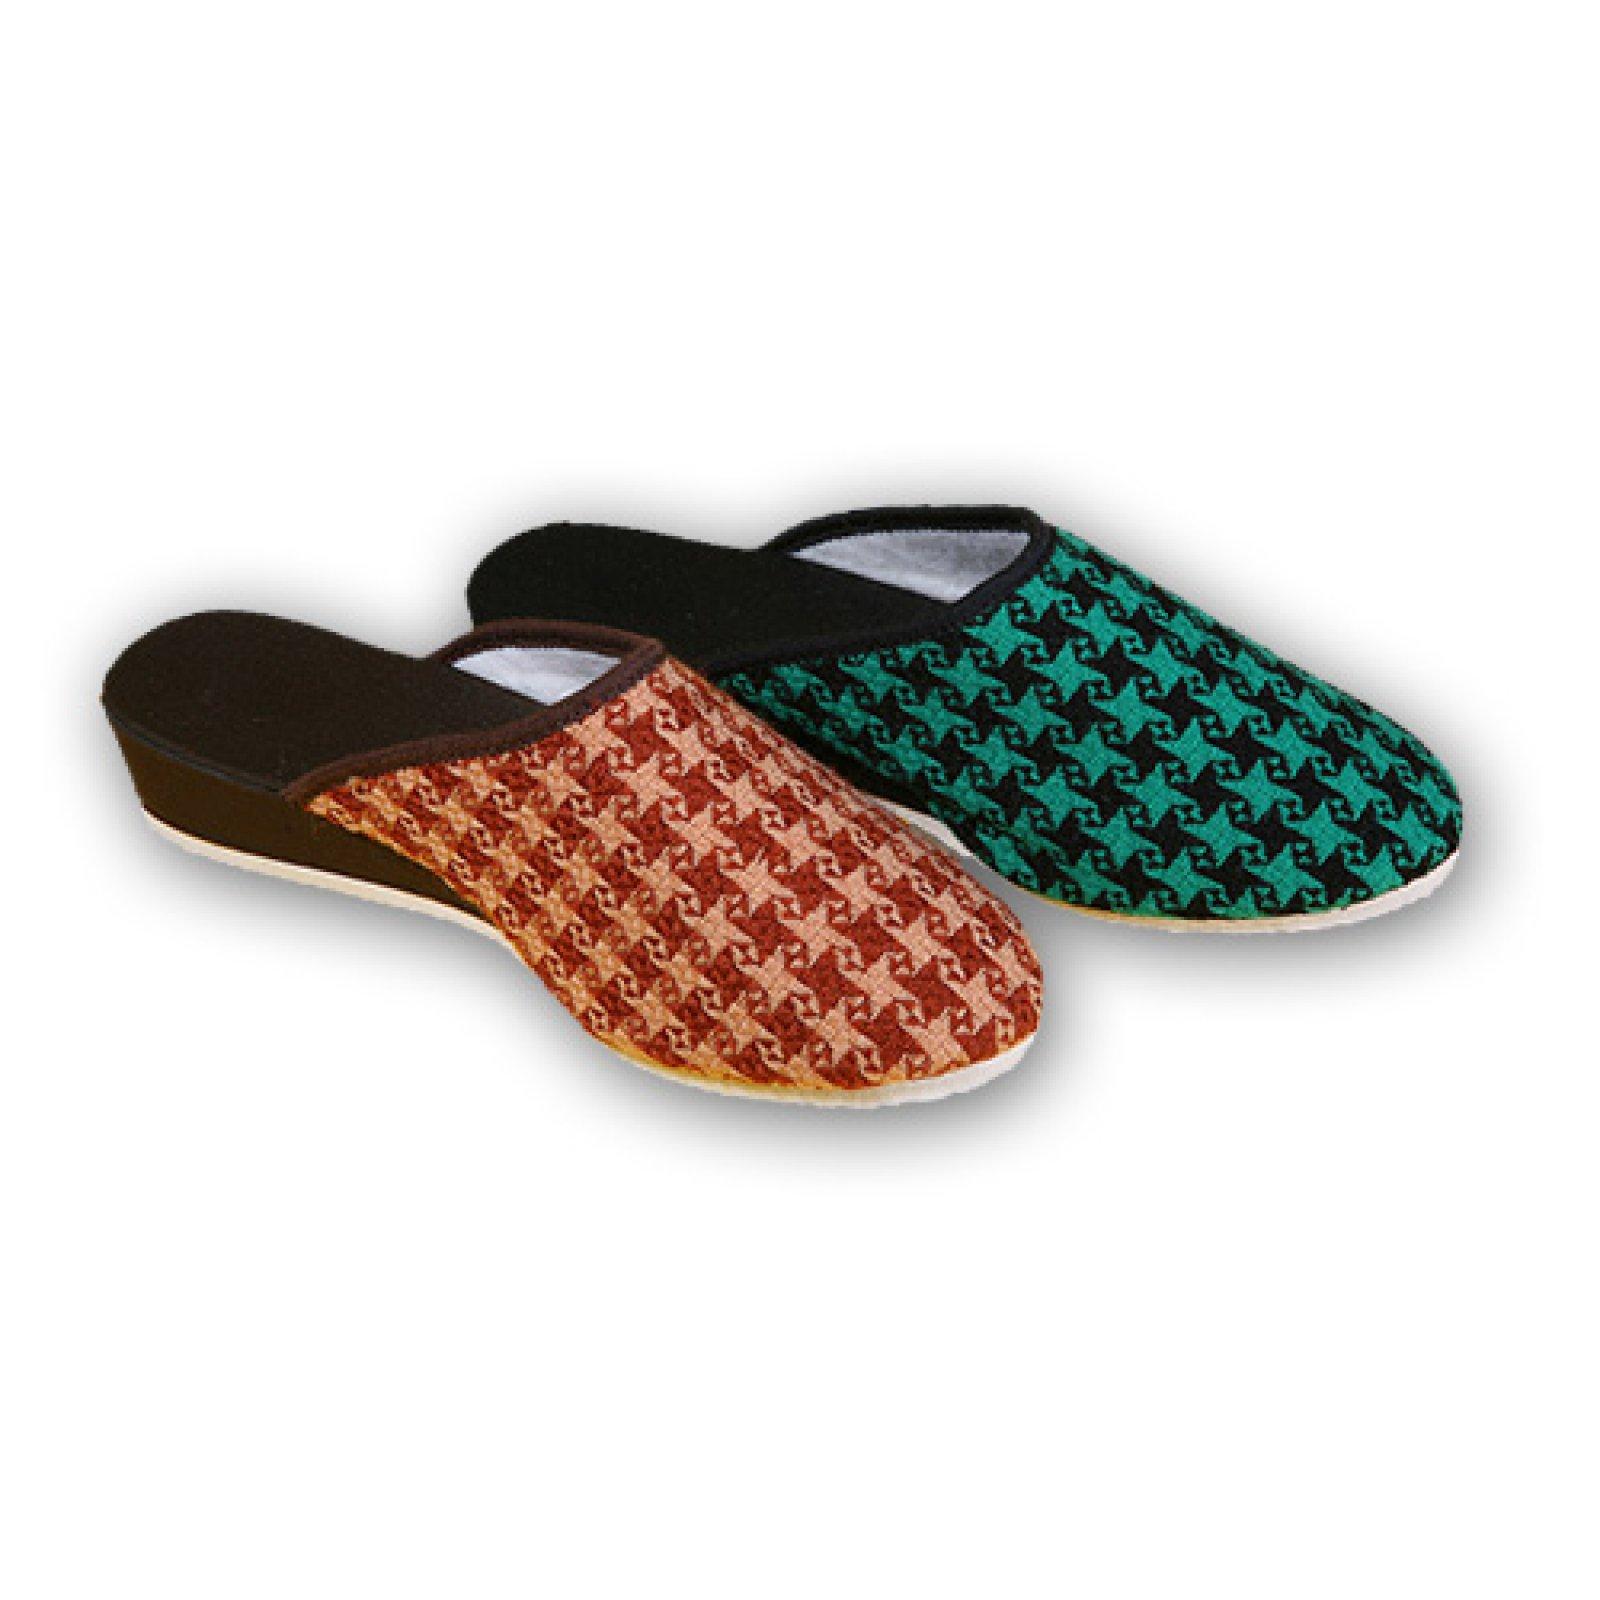 Dámské domácí pantofle - vz. 013 - KARS 1e0793021c